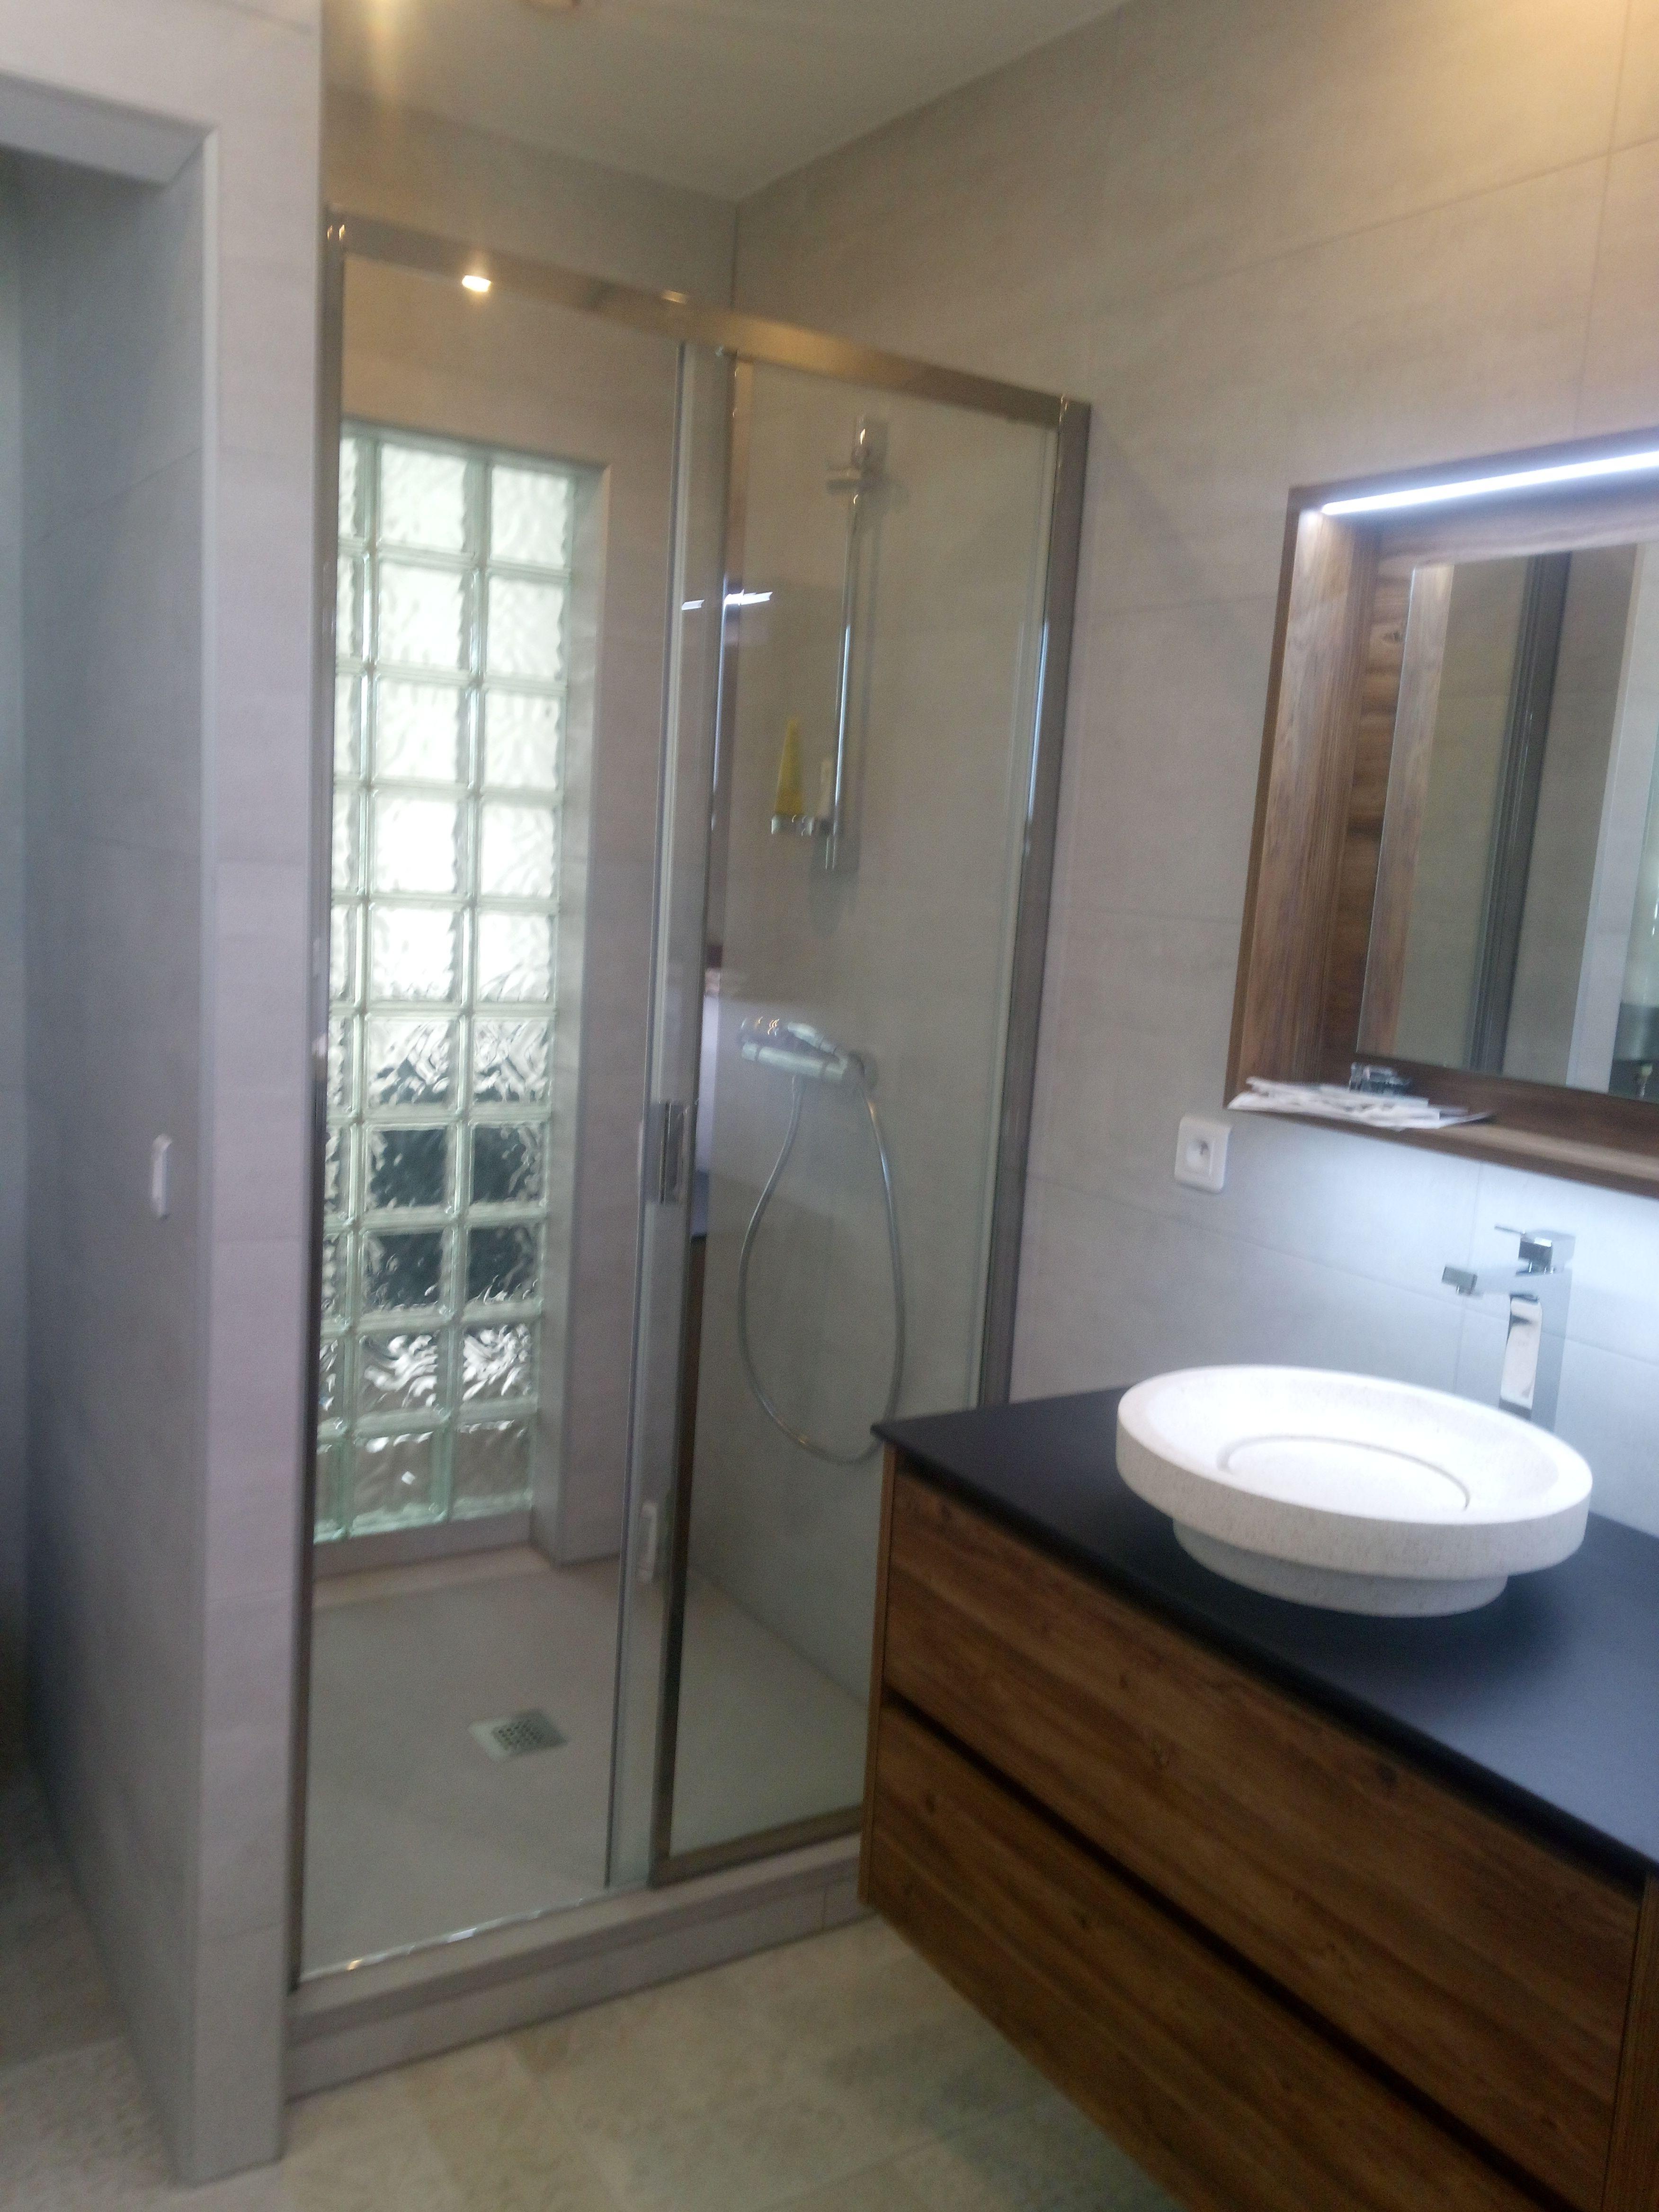 Meuble De Salle De Bain Allemand rénovation complète d'une salle de bain en bois, sans